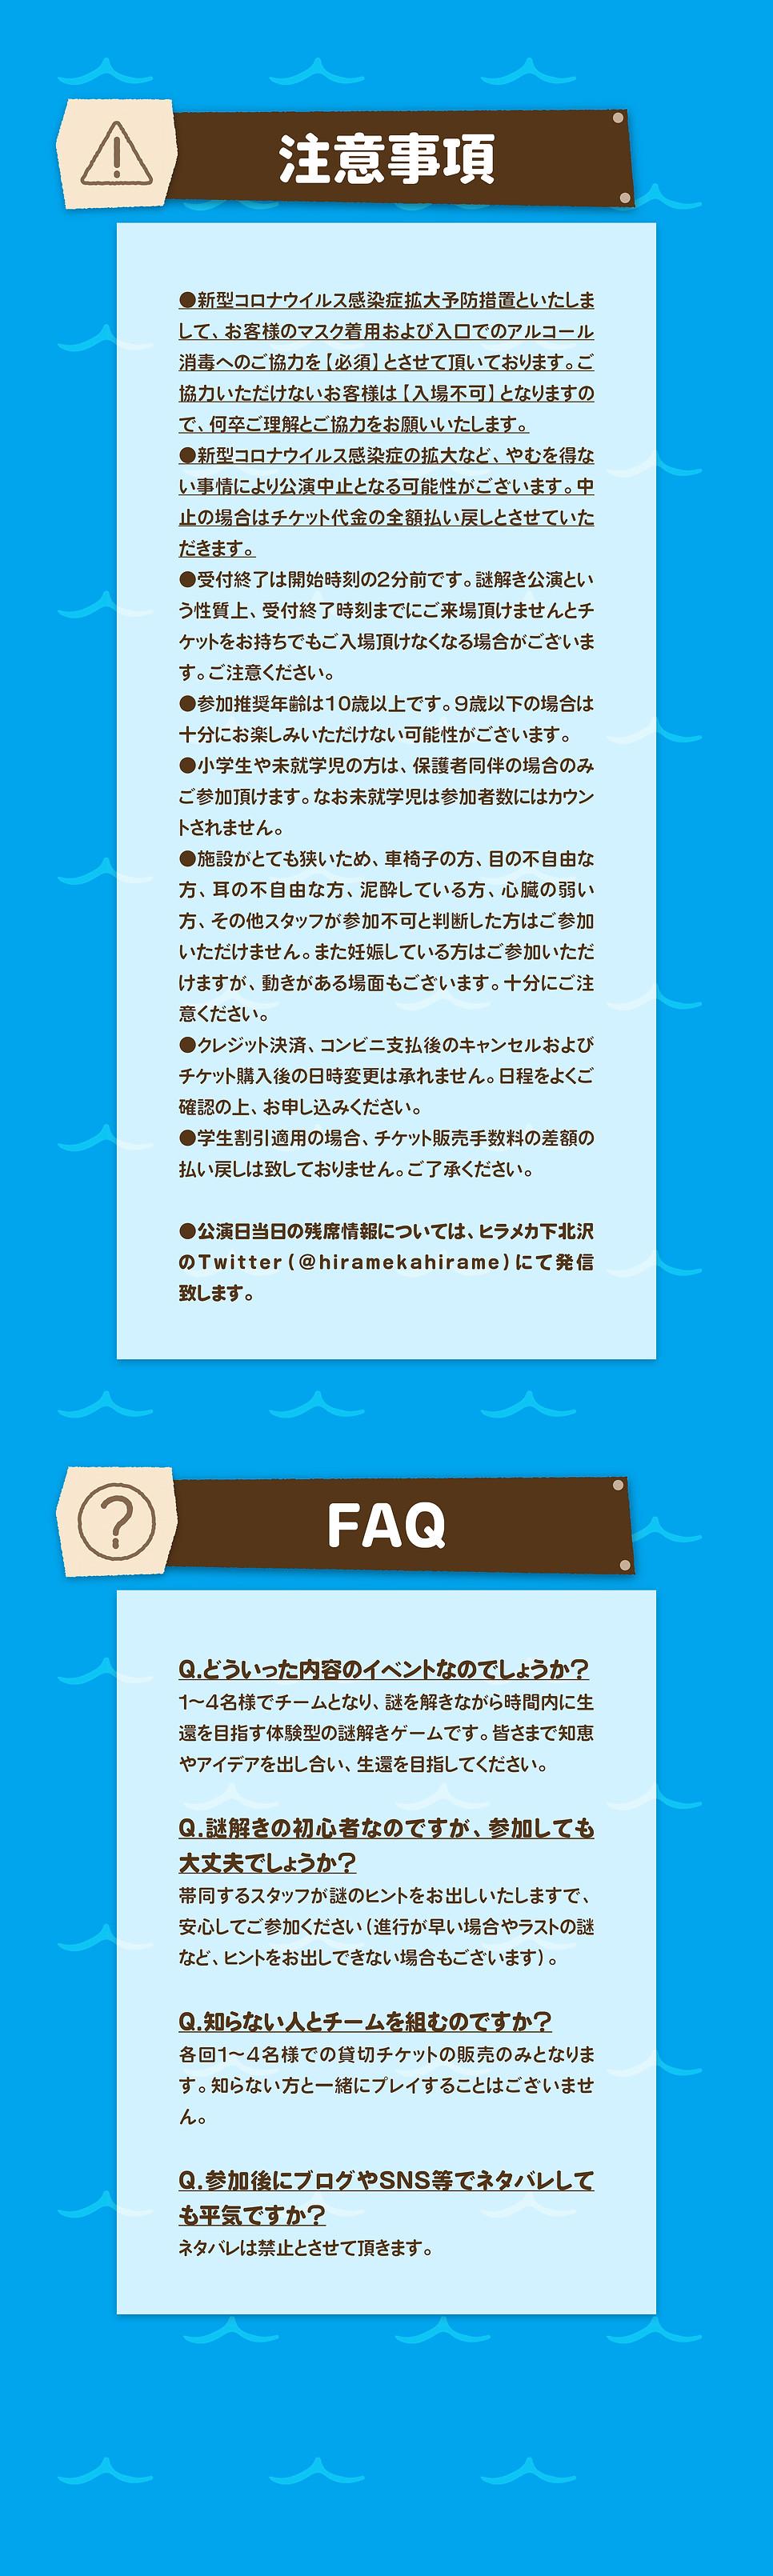 Hyoryu_3.jpg